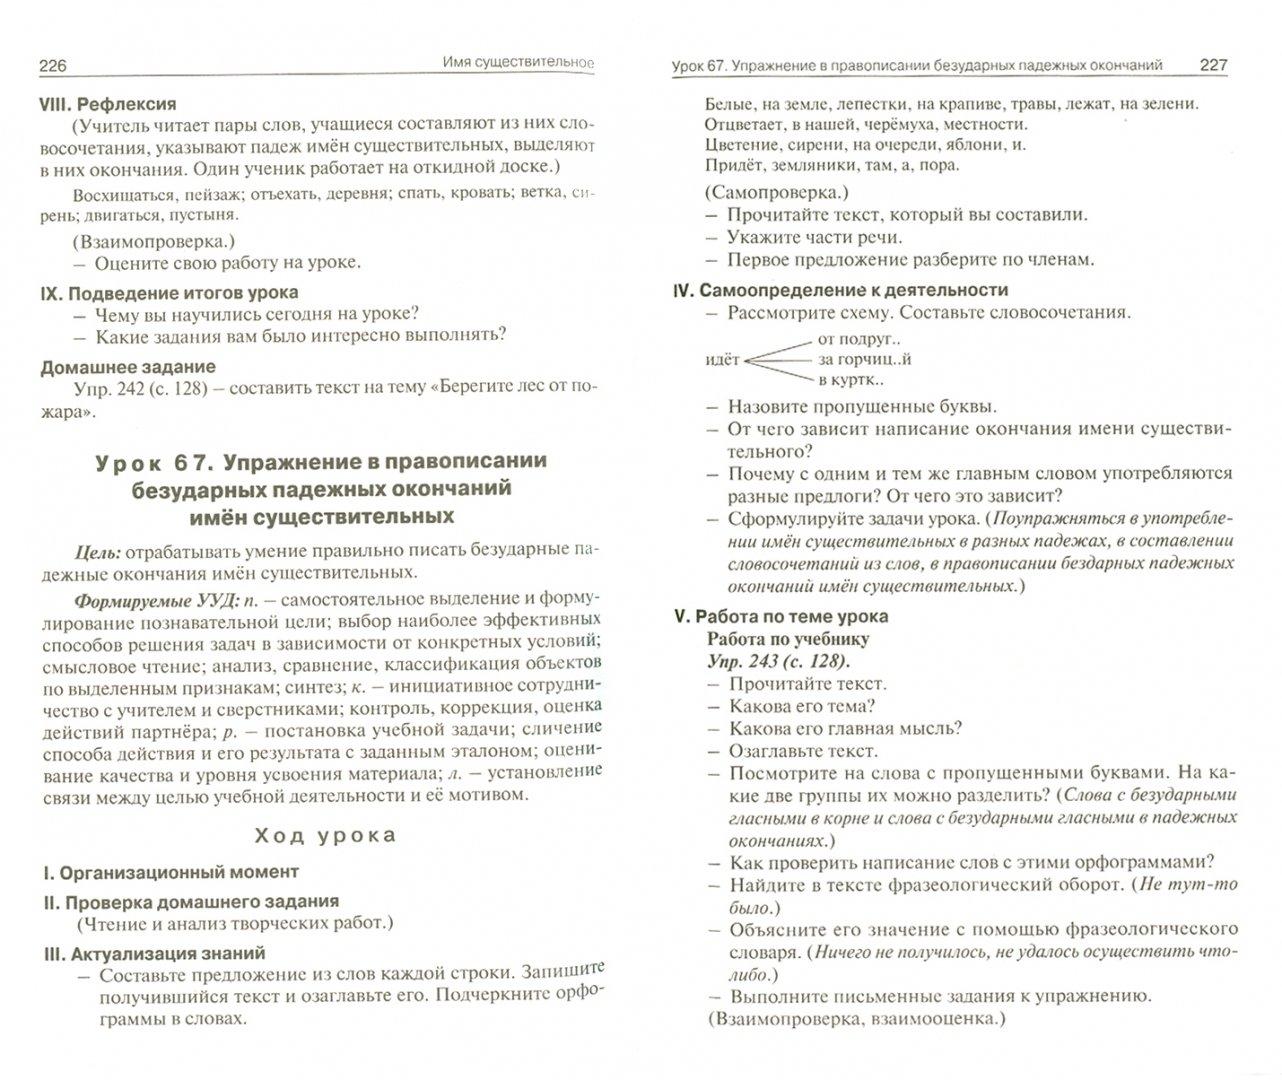 Иллюстрация 1 из 6 для Поурочные разработки по русскому языку. 4 класс. ФГОС - Ситникова, Яценко   Лабиринт - книги. Источник: Лабиринт